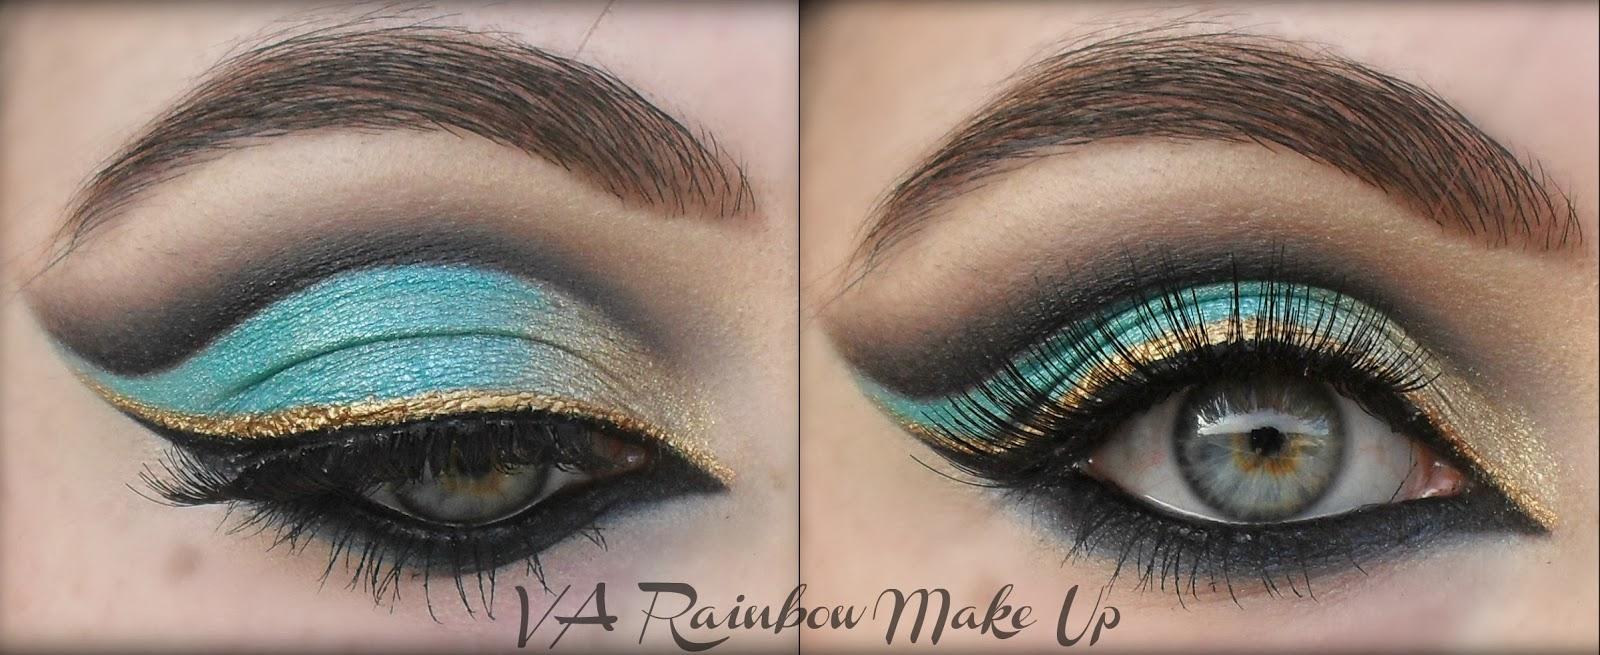 Conosciuto V.A Rainbow Make Up: febbraio 2014 QP53